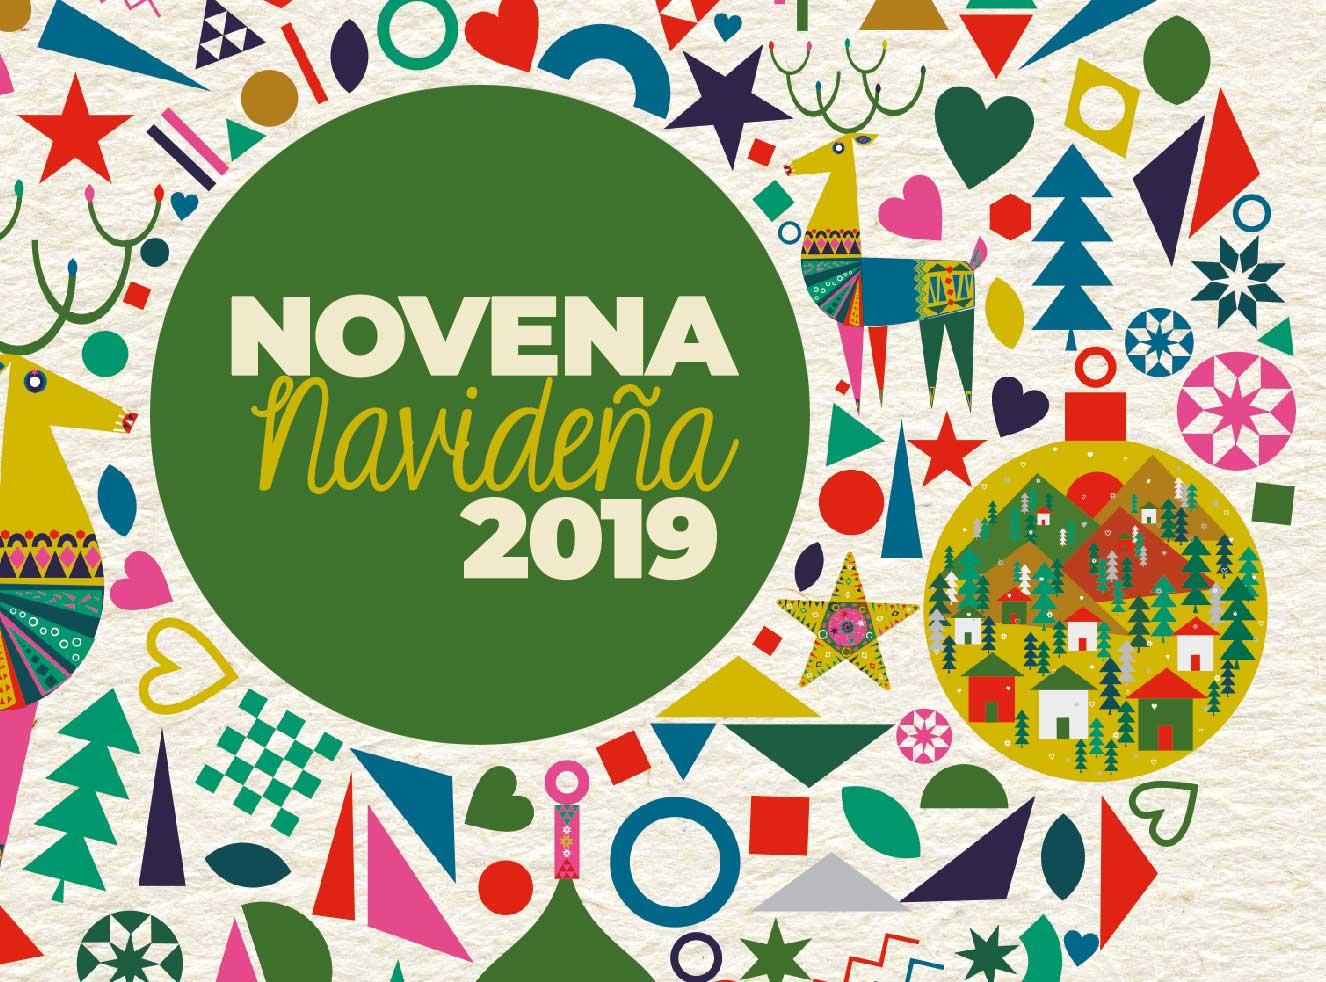 NOVENA-2019 REVISTA MAXI